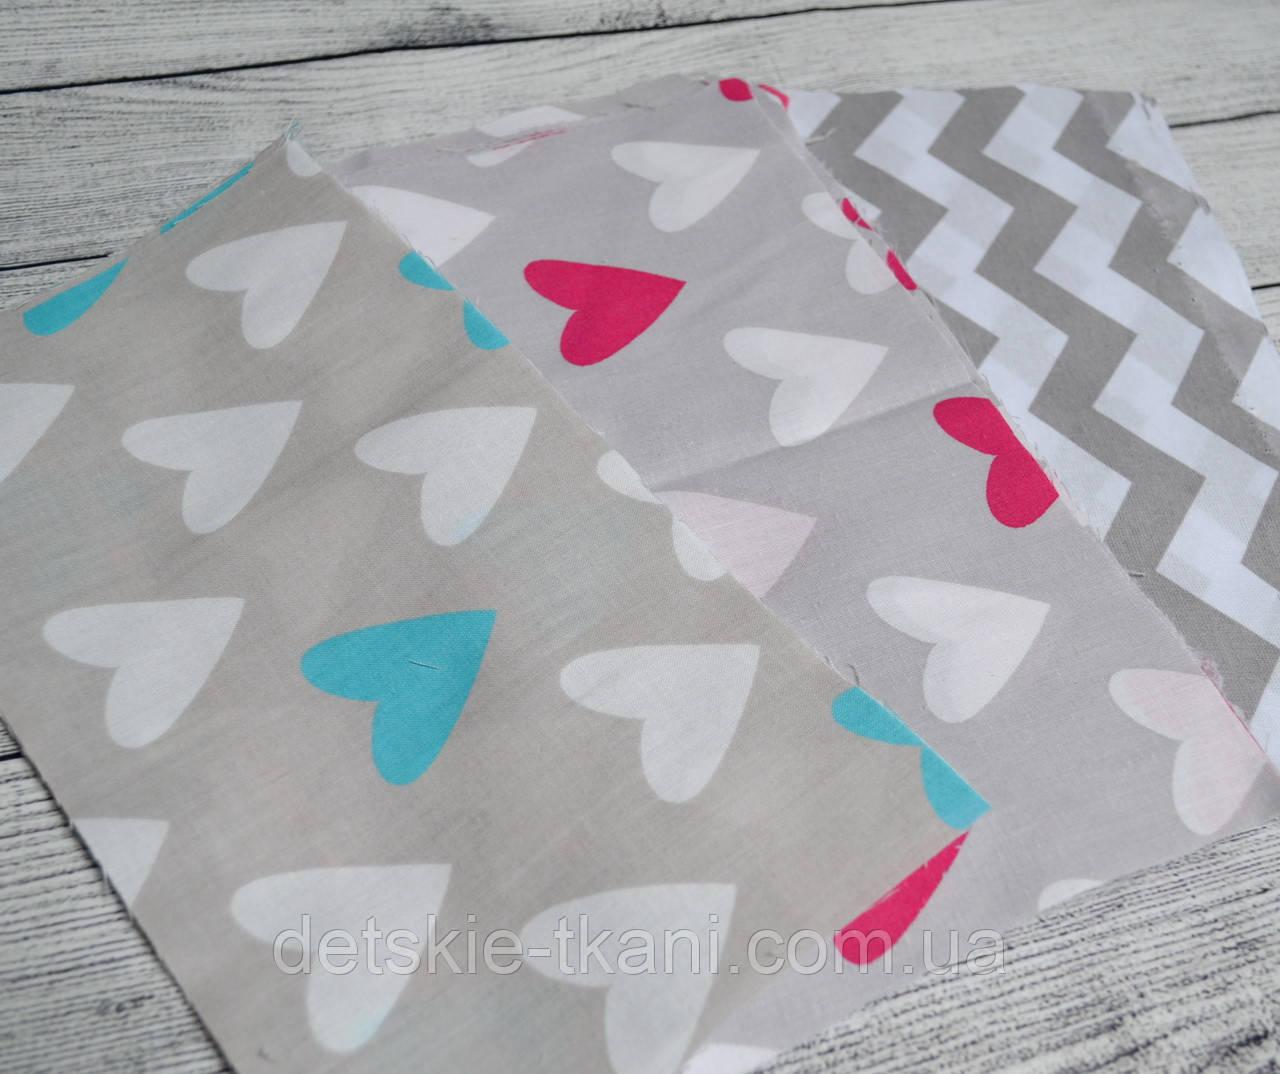 Набор тканей для рукоделия с малиновыми и бирюзовыми сердцами и зигзагами № 69